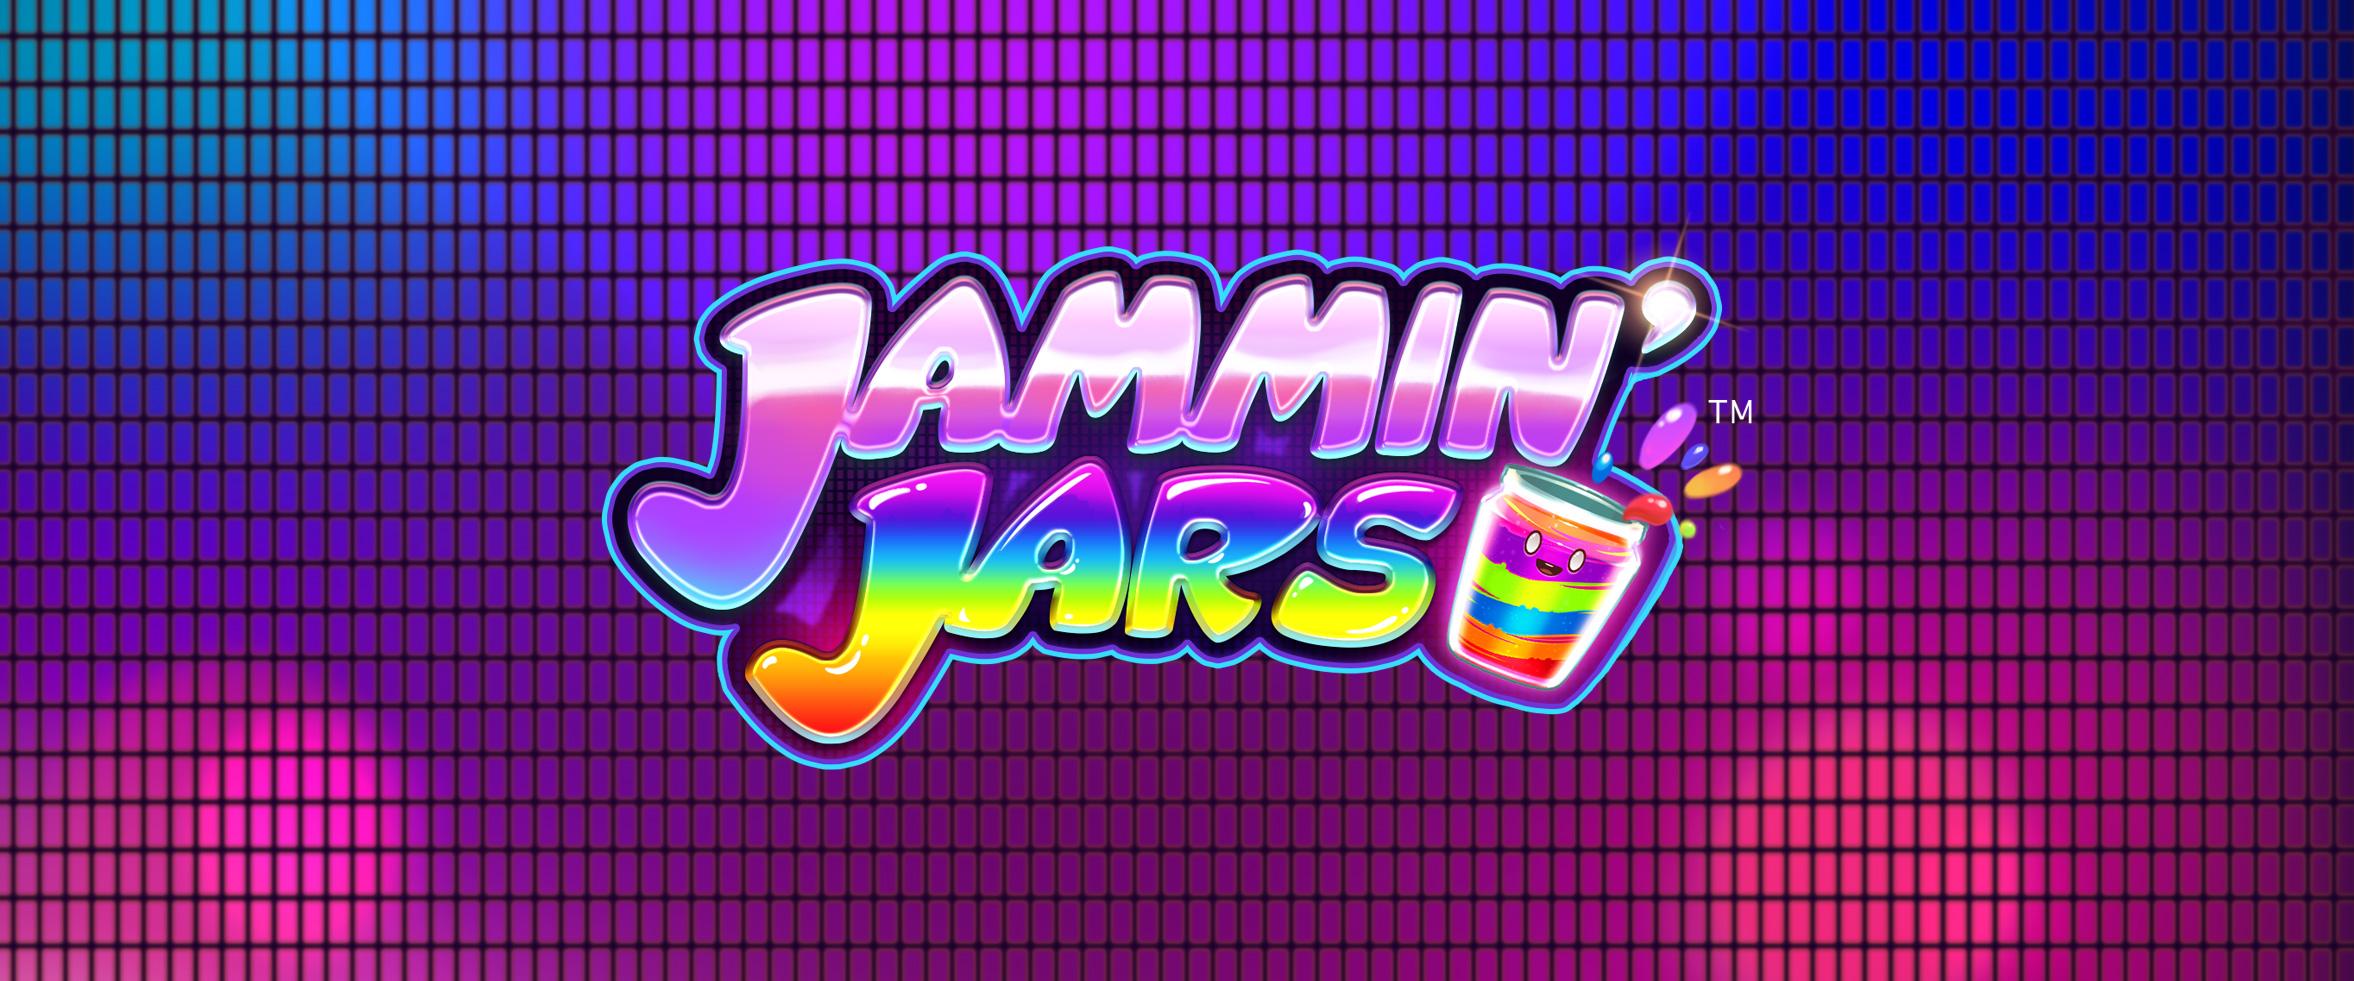 Jammin' Jars gir den første av mange storgevinster hos Wildz